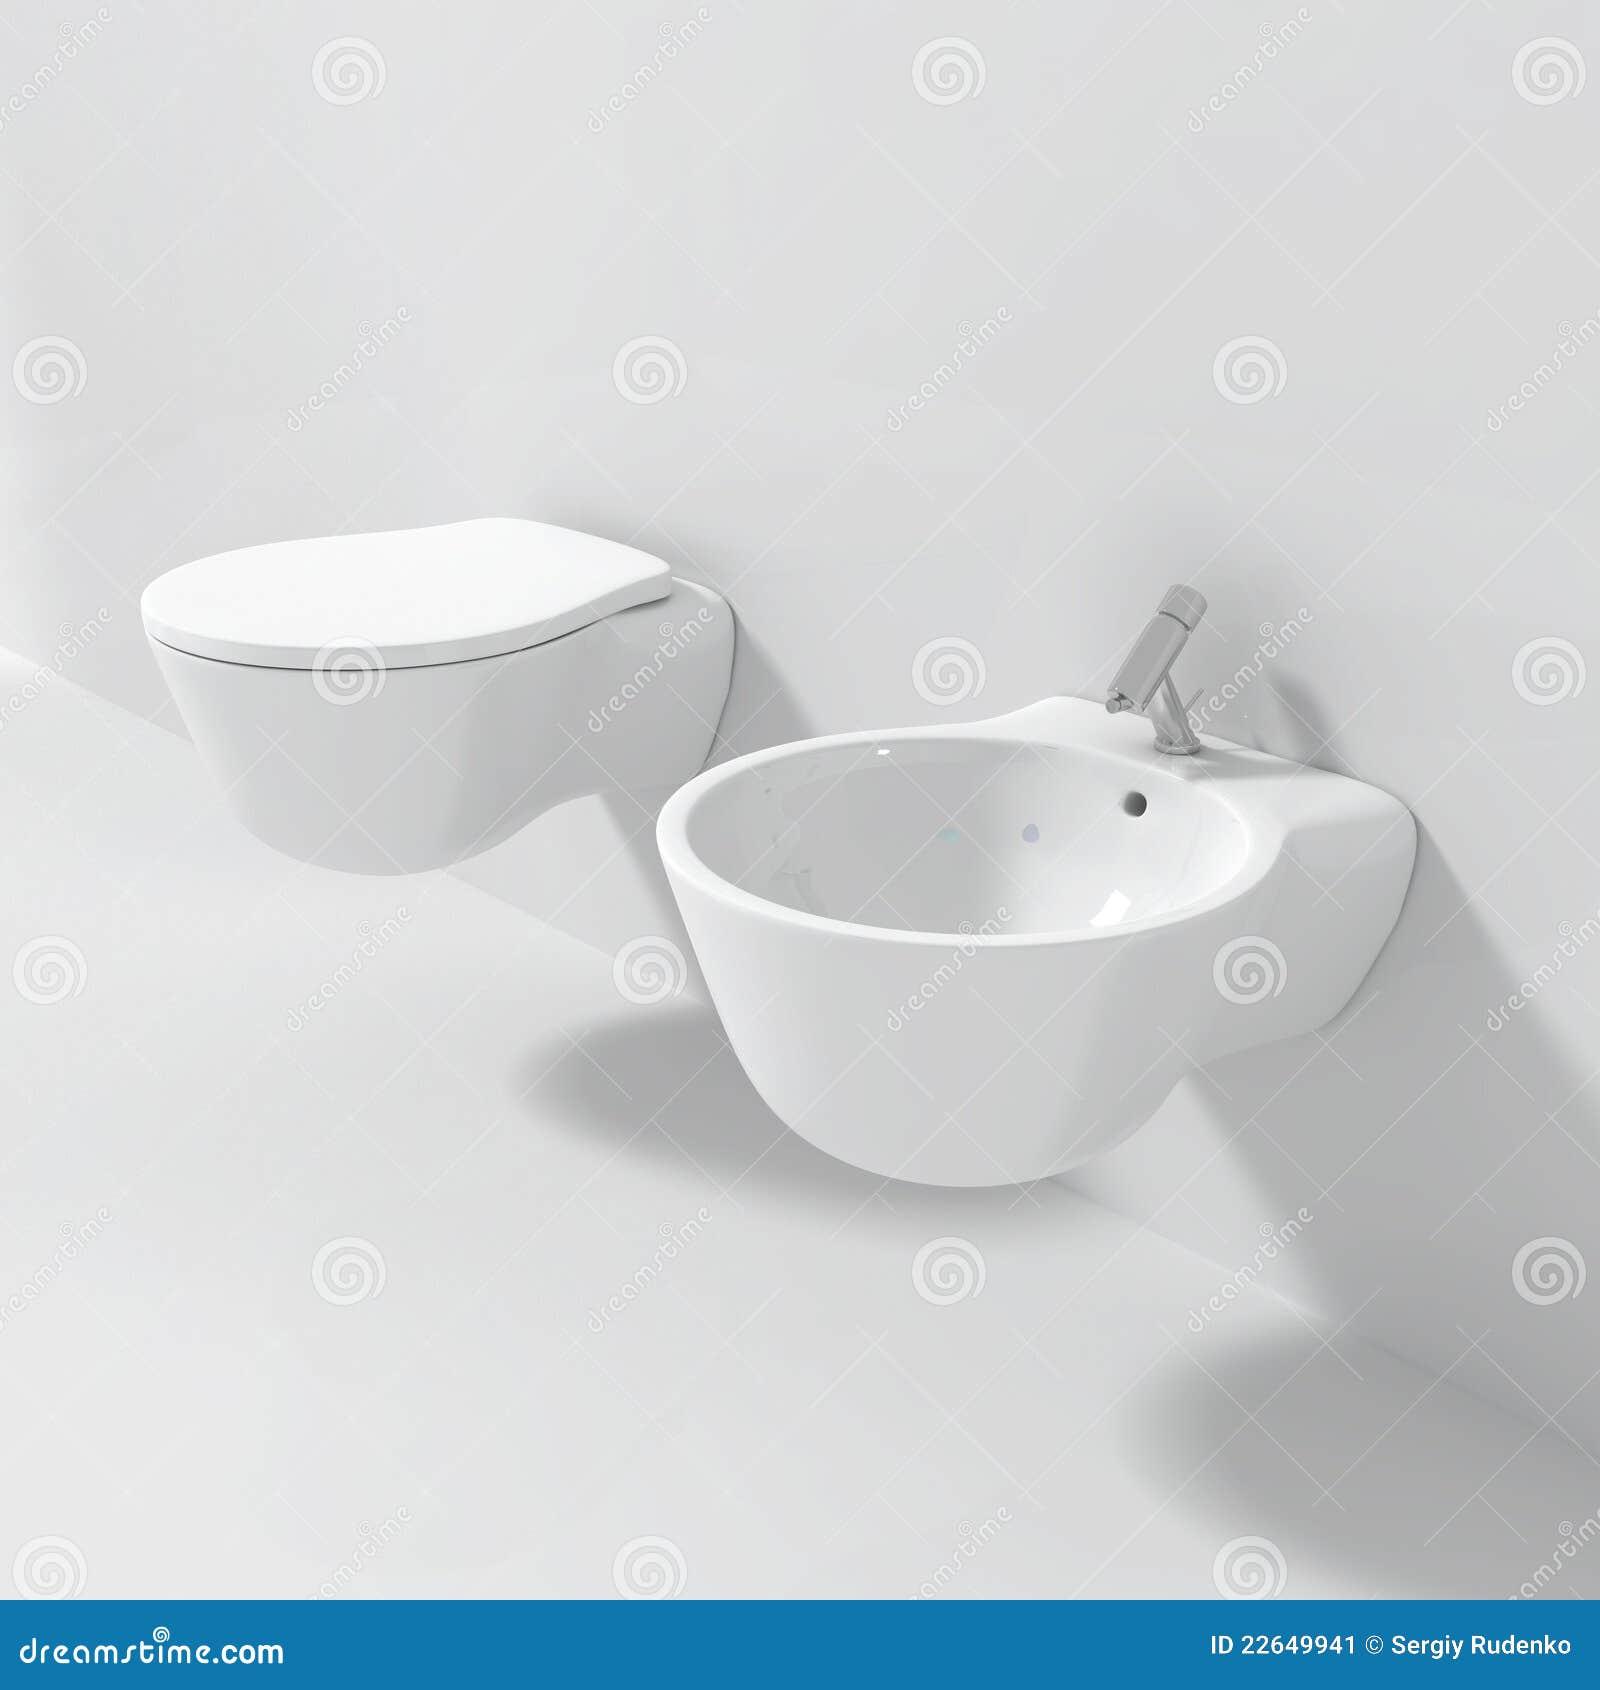 si ge de toilette moderne de bidet image stock image 22649941. Black Bedroom Furniture Sets. Home Design Ideas